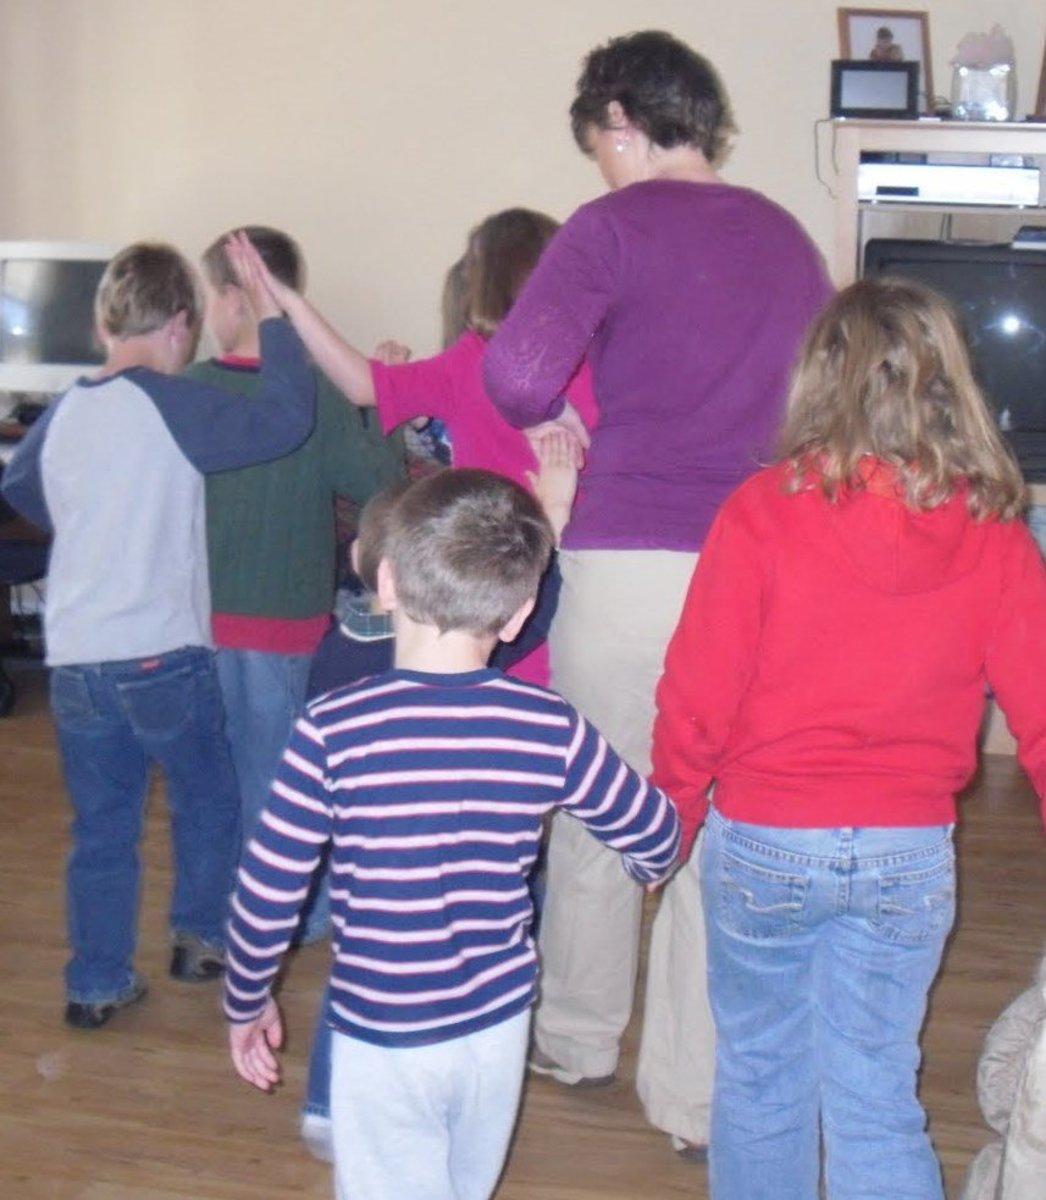 Dancing a minuet